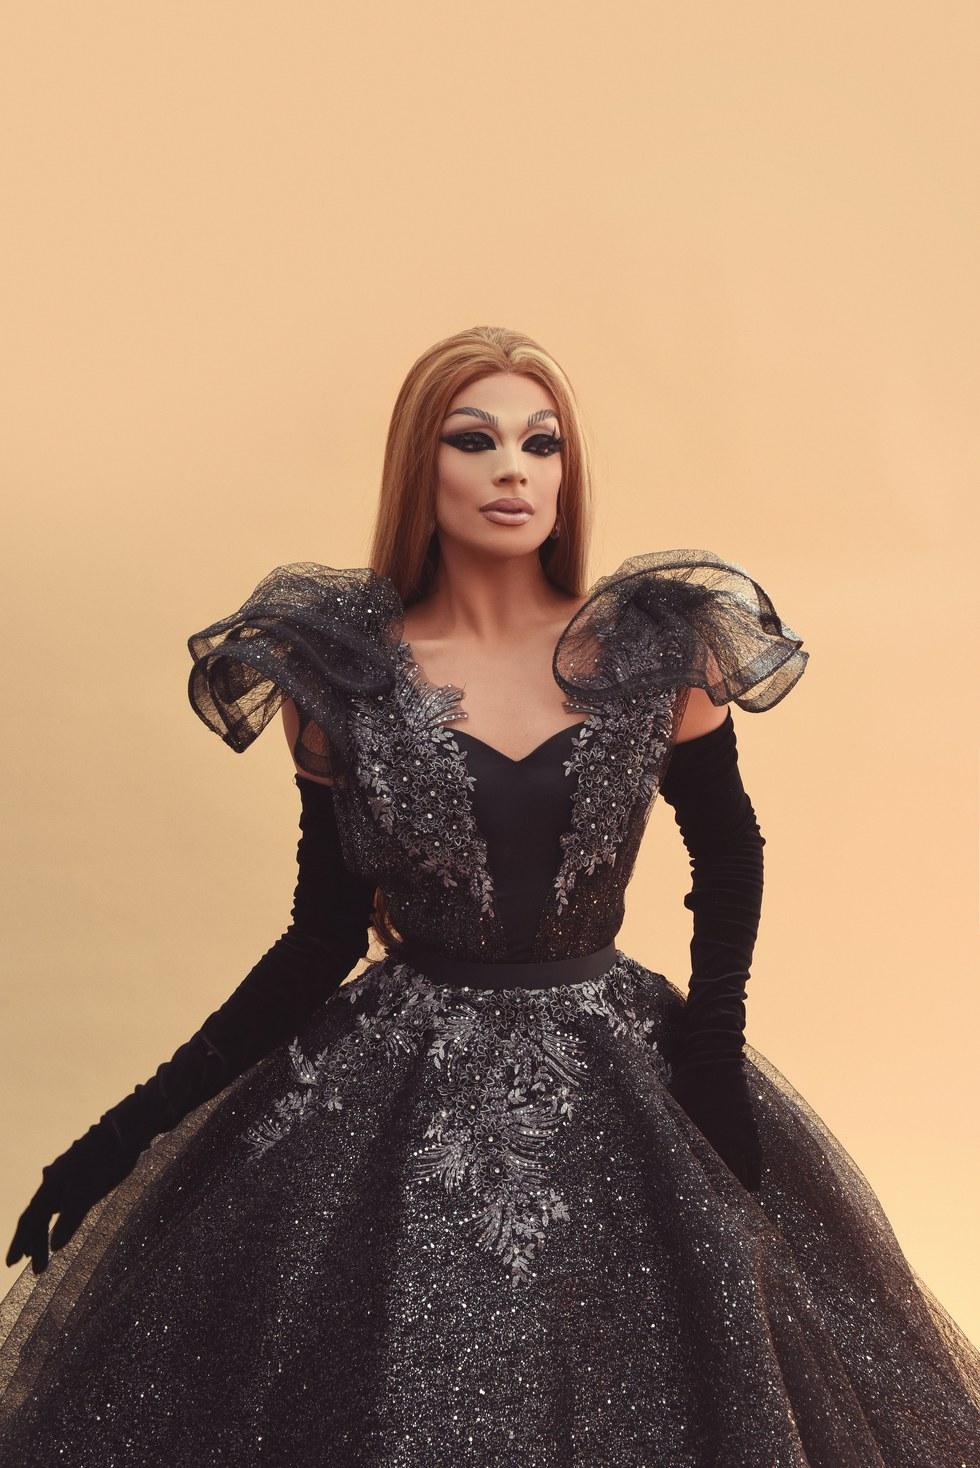 Valentina black lace pc AlexCordova.jpg